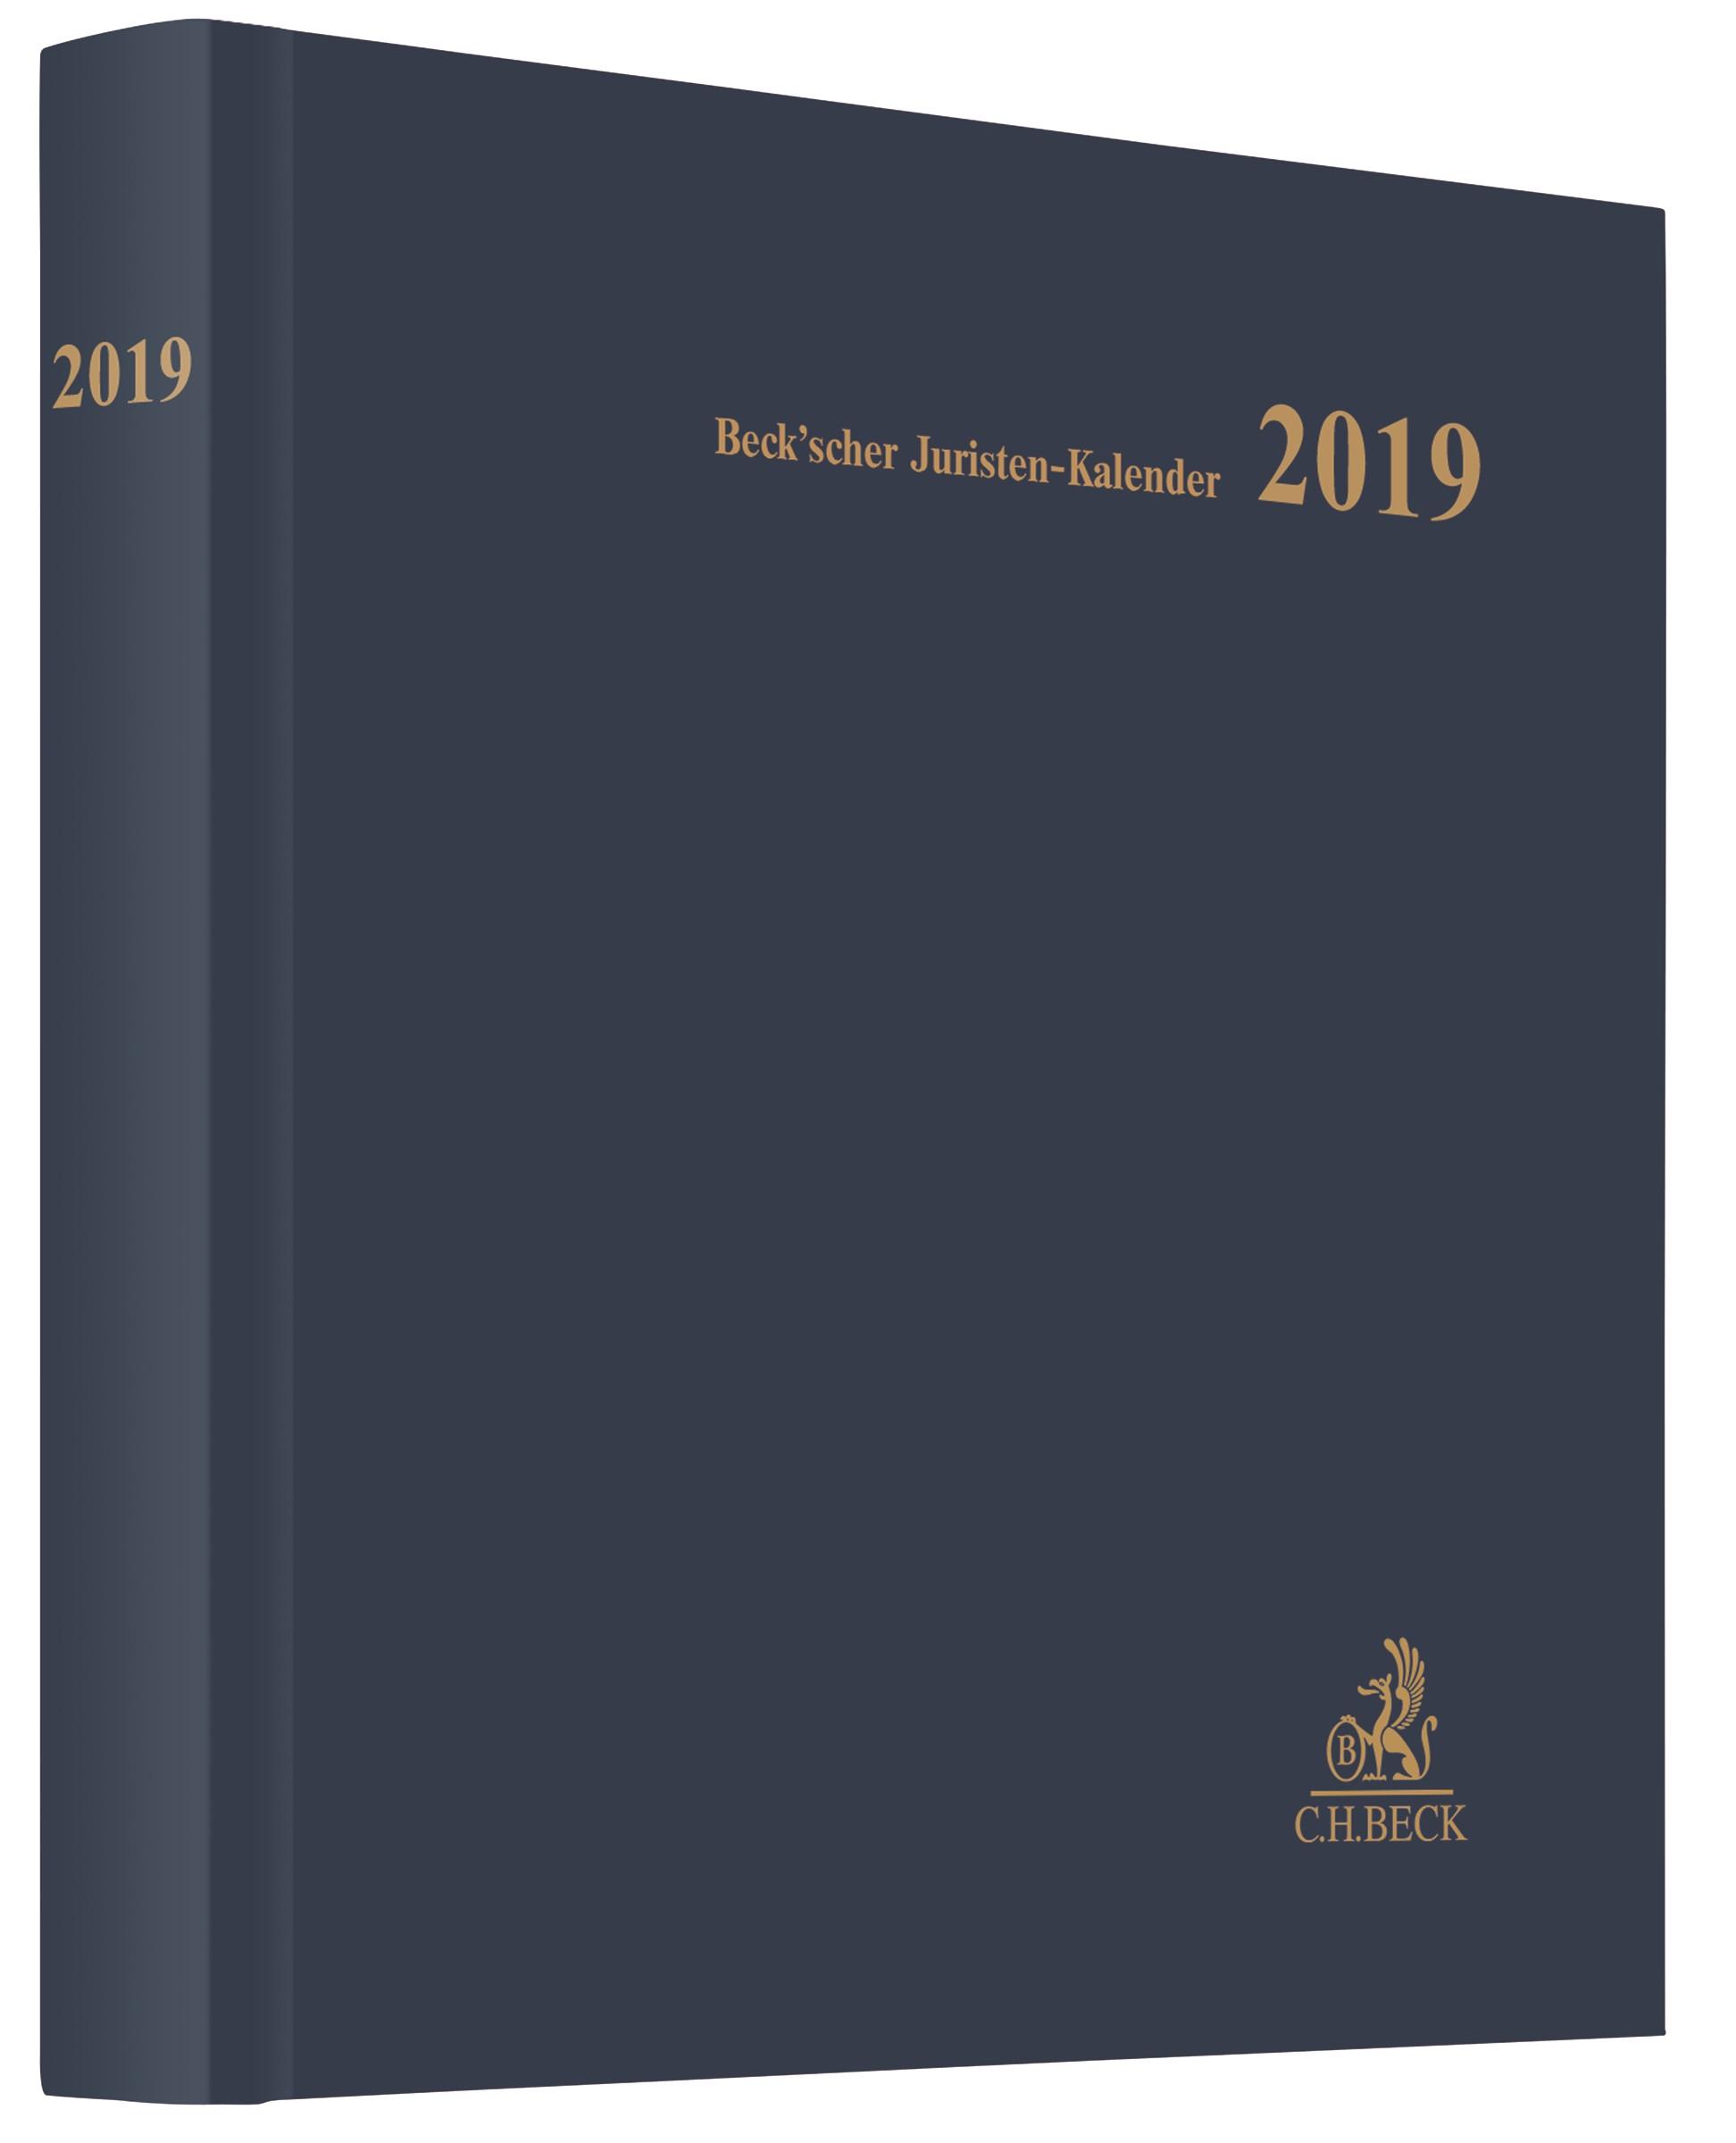 Beck'scher Juristen-Kalender 2019, 2018 | Buch (Cover)